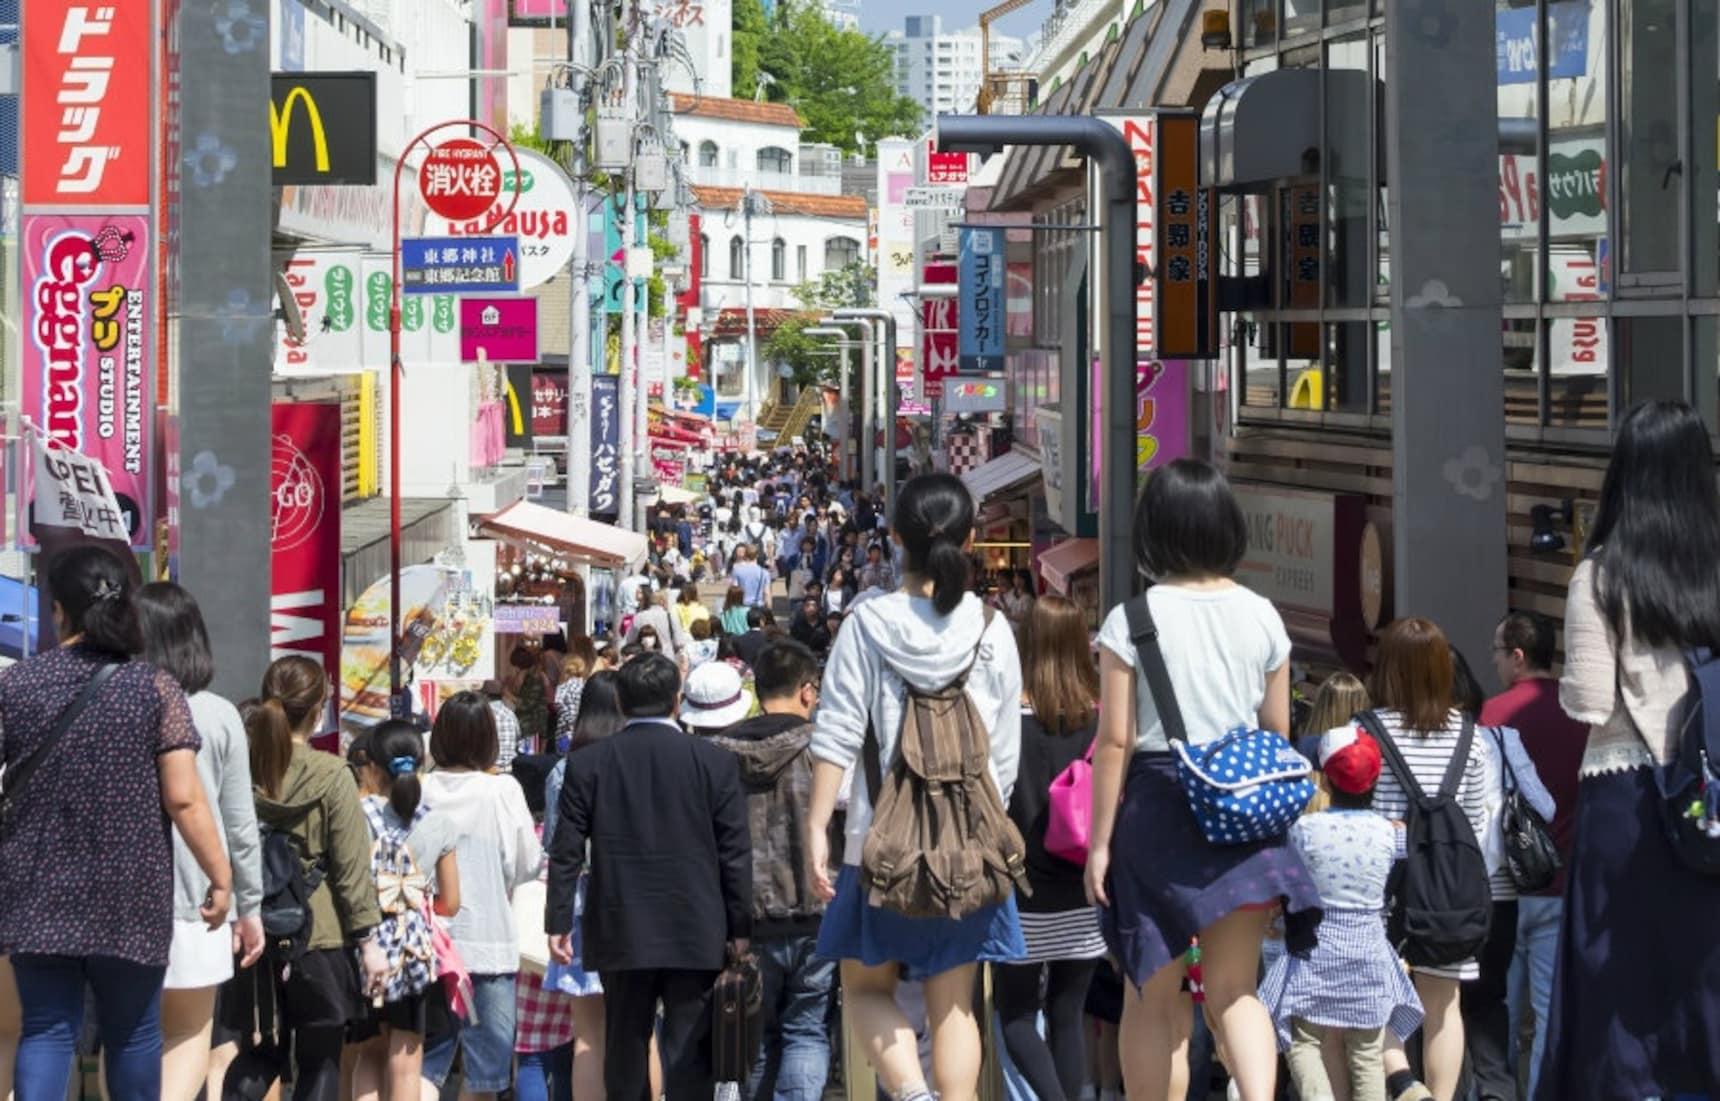 Subculture Fashion in Shibuya & Harajuku